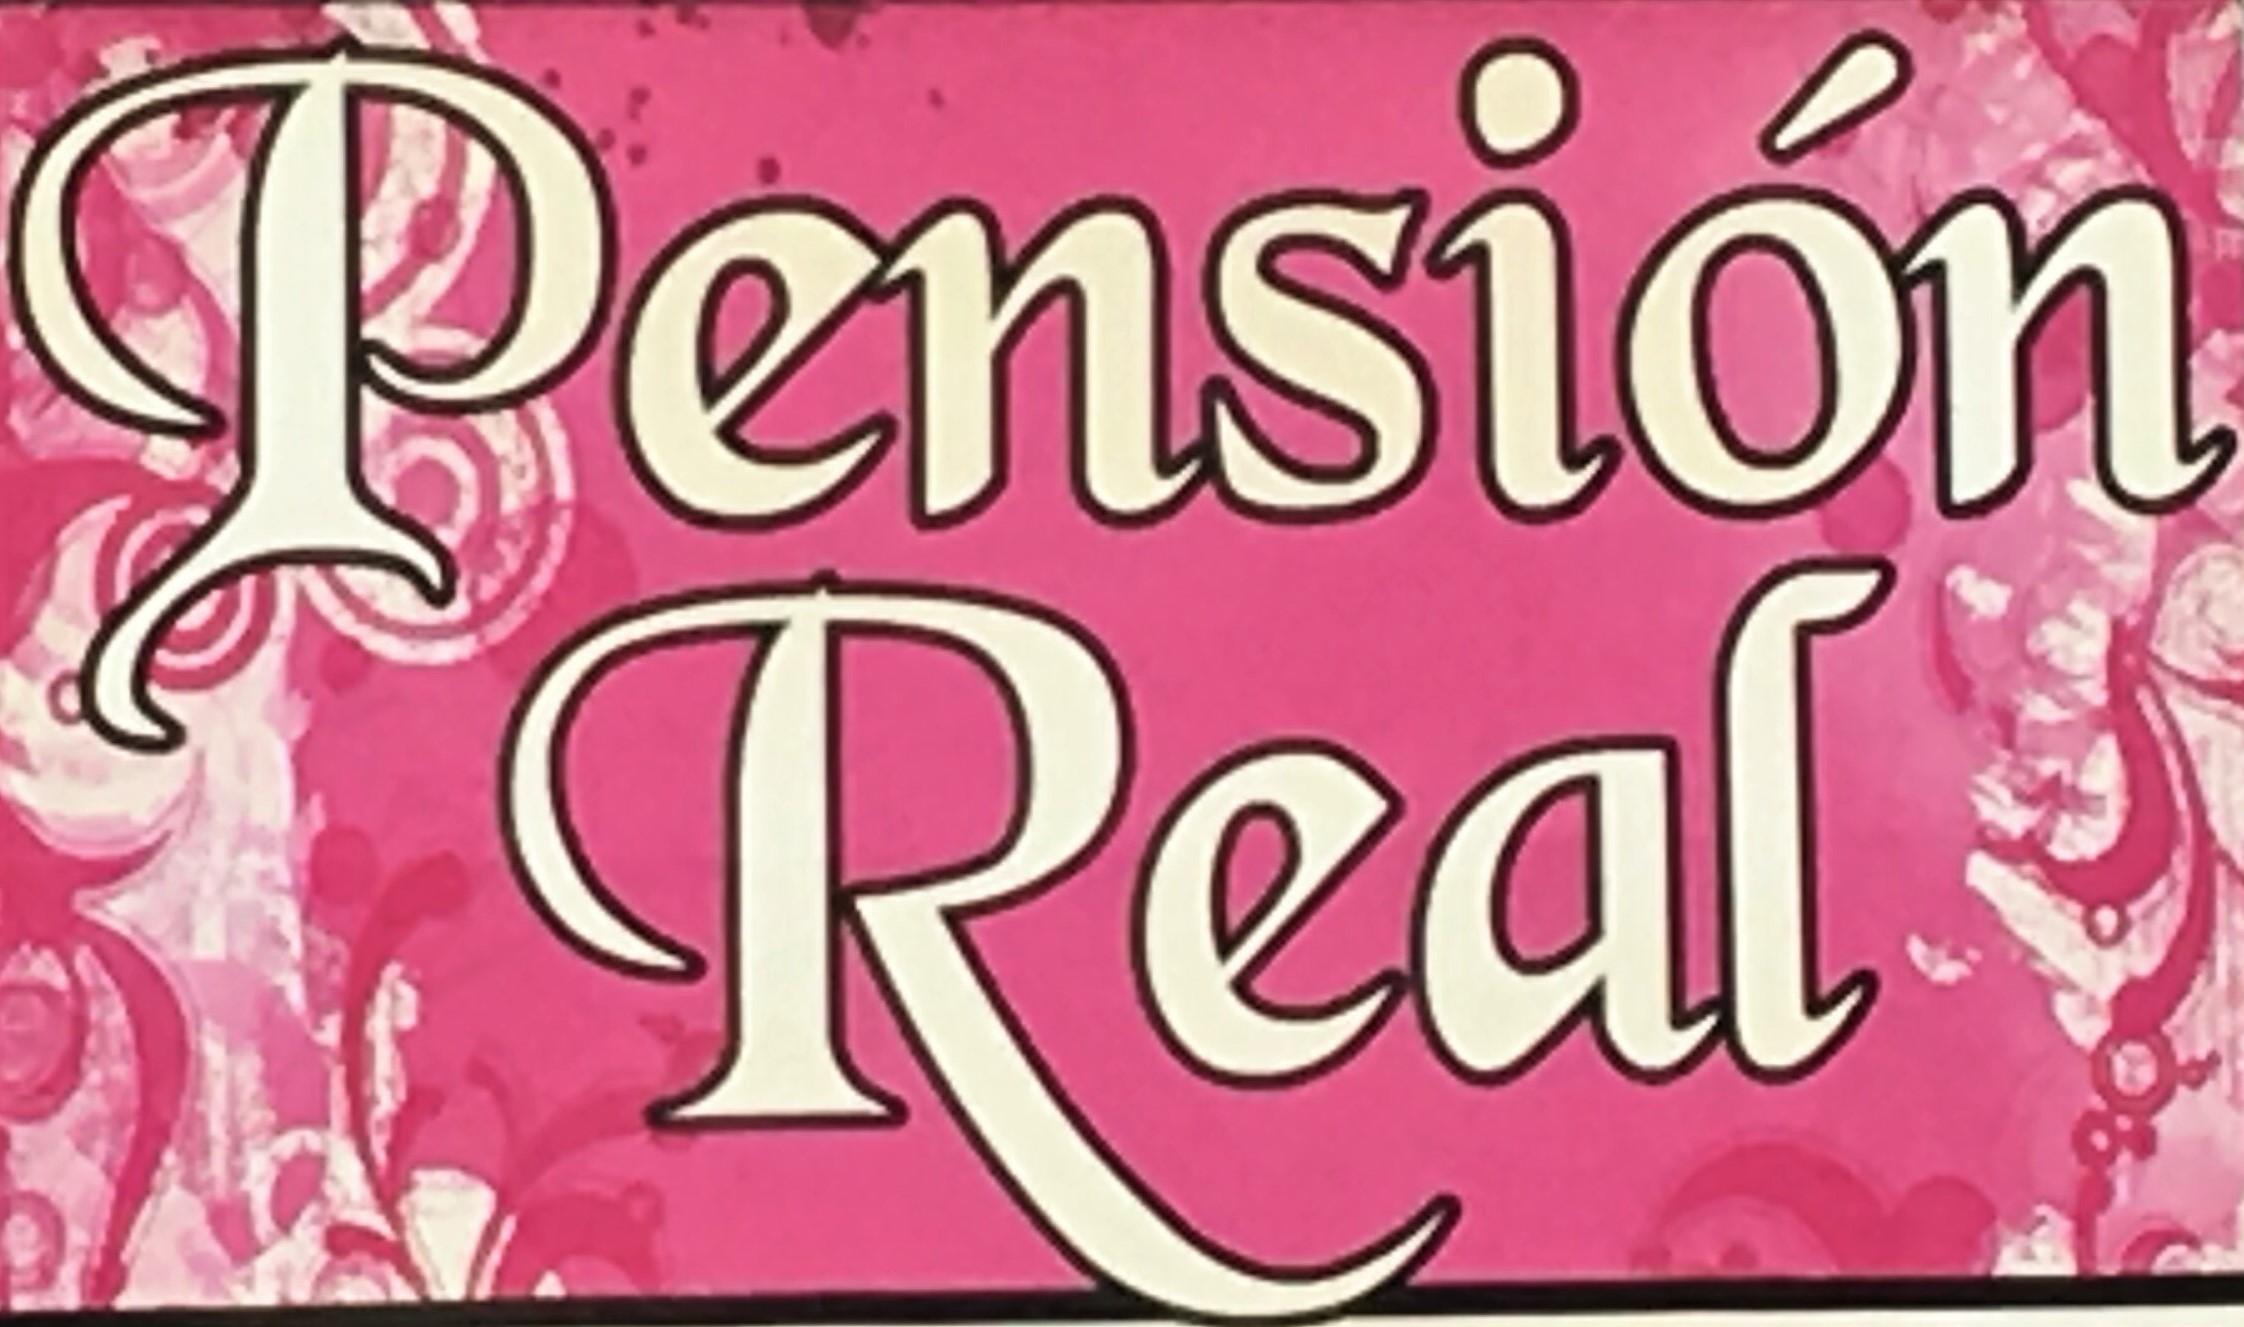 Pensión Real